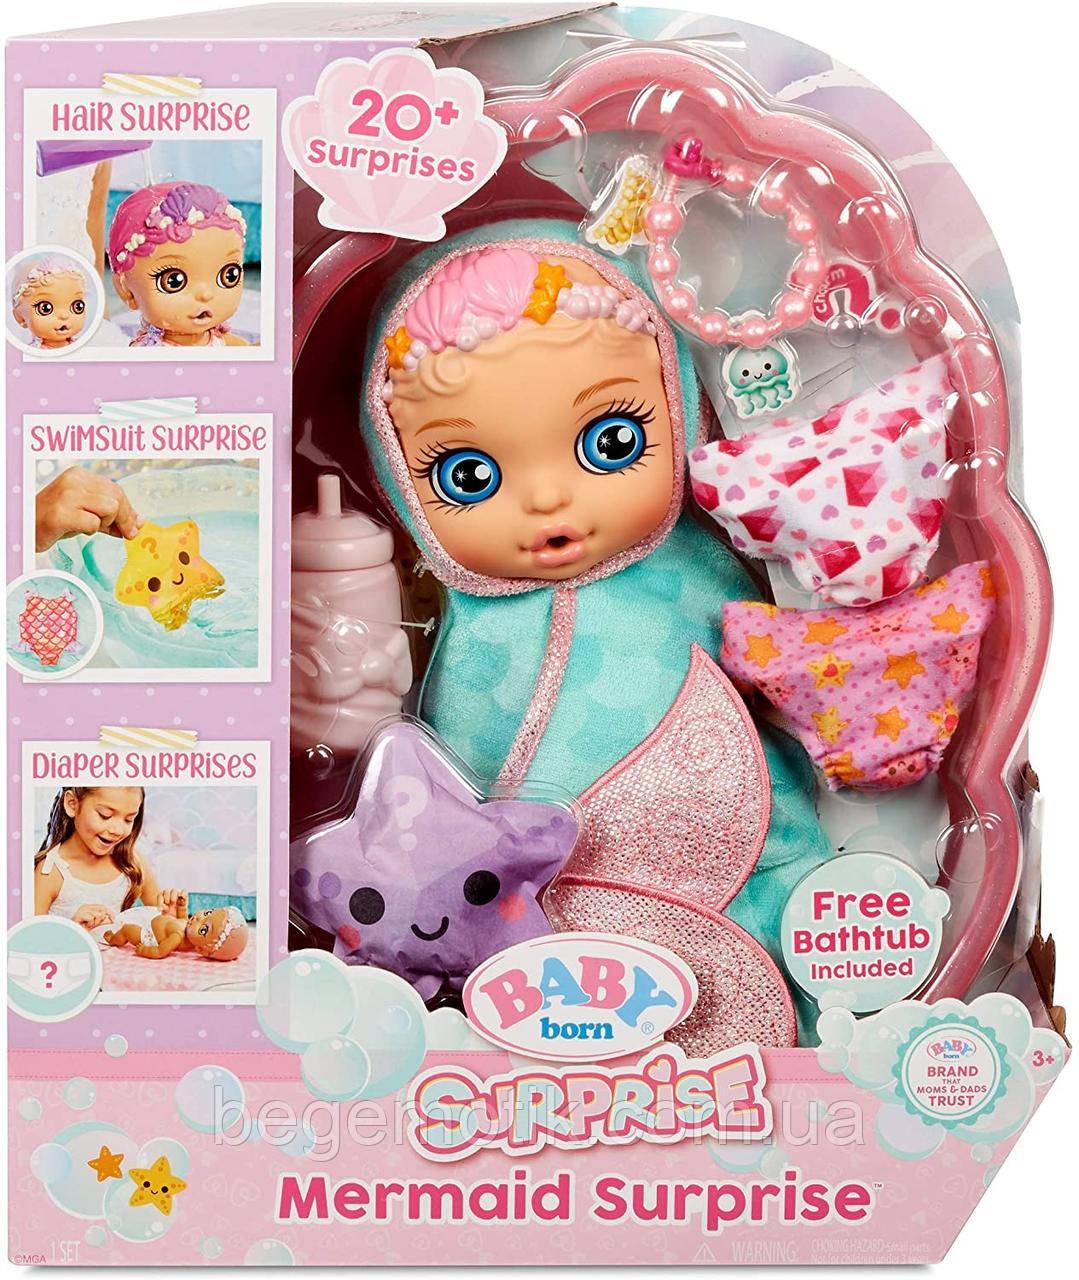 Кукла Пупс Беби Борн русалочка 20 сюрпризов мятное полотенце  Baby Born Surprise Mermaid Surprise Teal